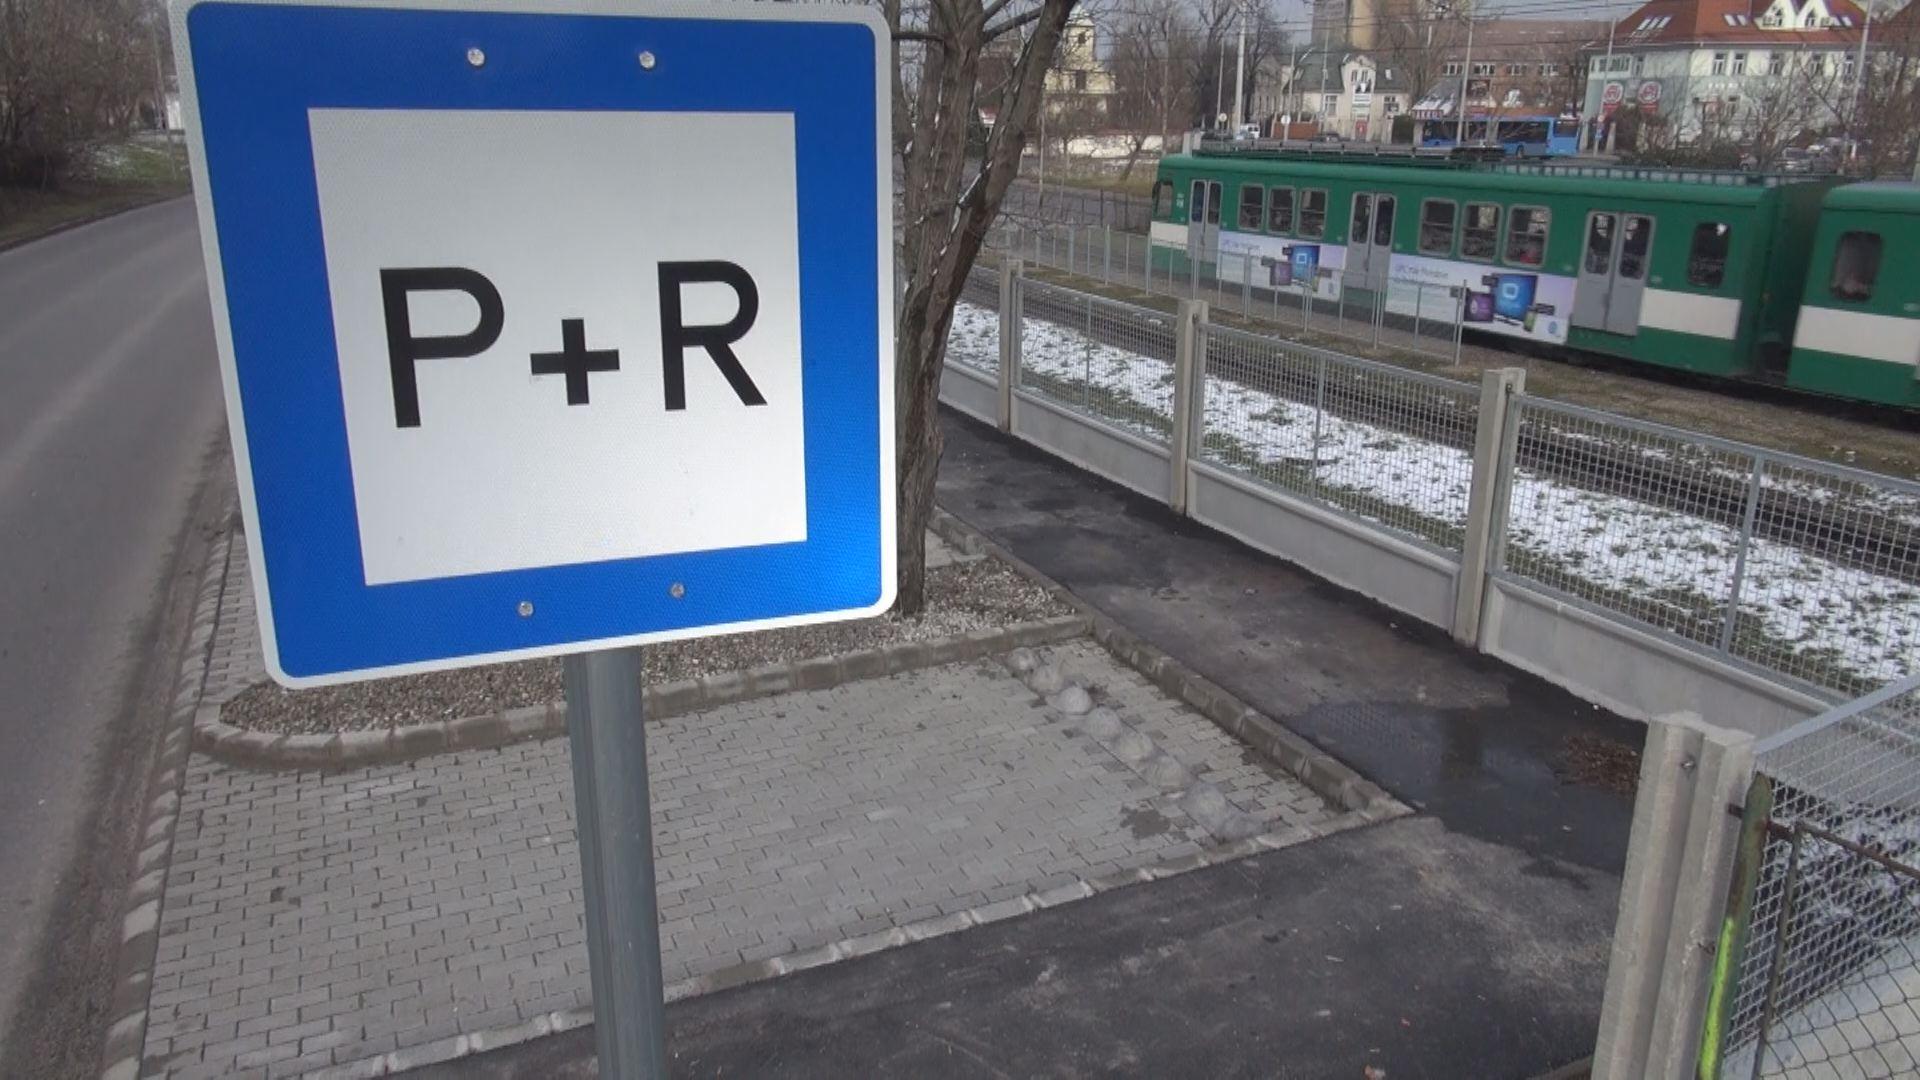 Jó hír az ingázóknak: több mint 350 P+R parkolóhely épül Békásmegyeren